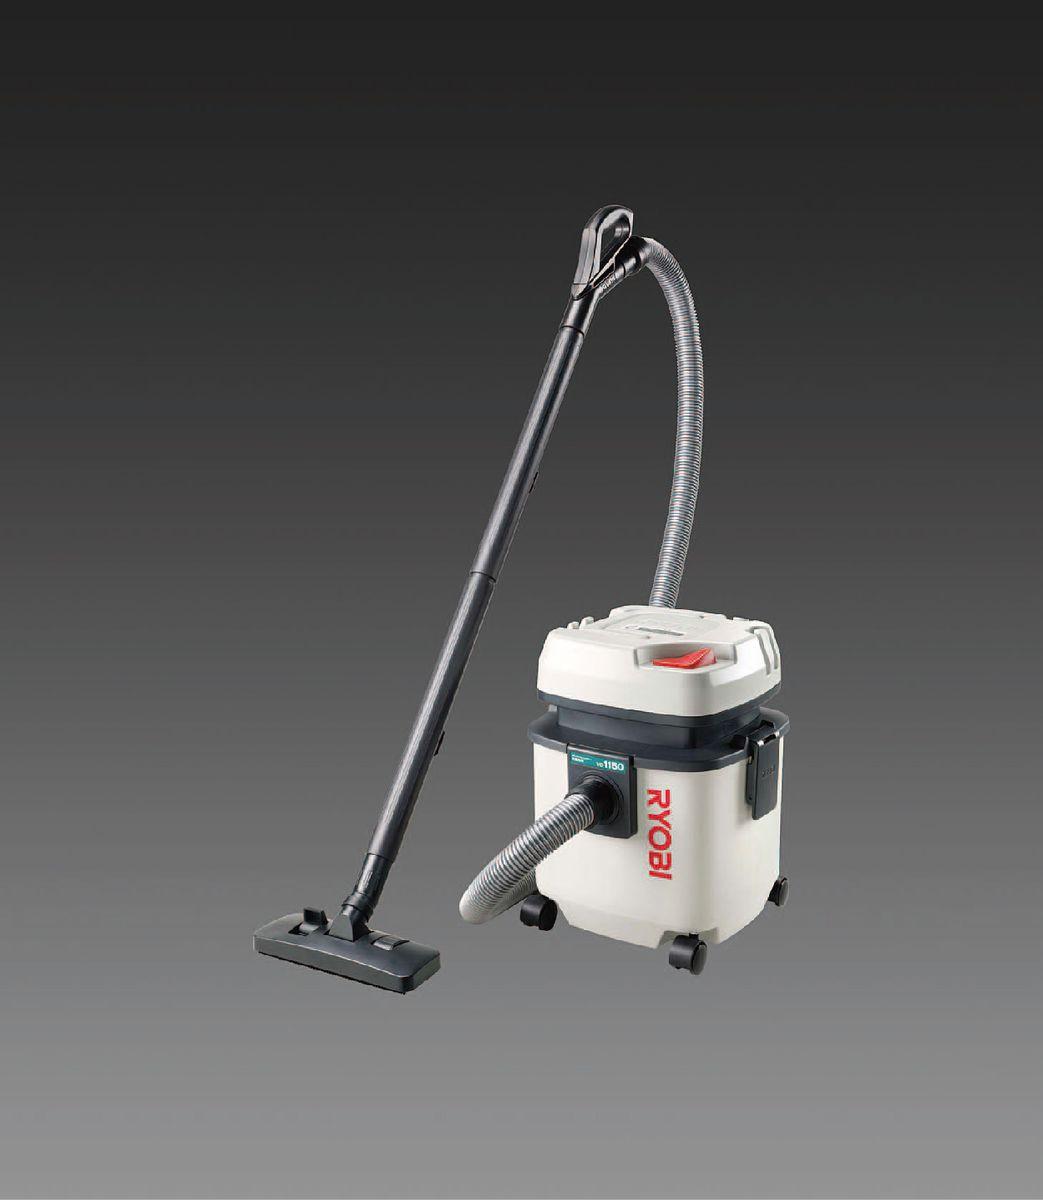 【メーカー在庫あり】 エスコ ESCO AC100V/1150W 掃除機 乾湿両用 000012260575 JP店